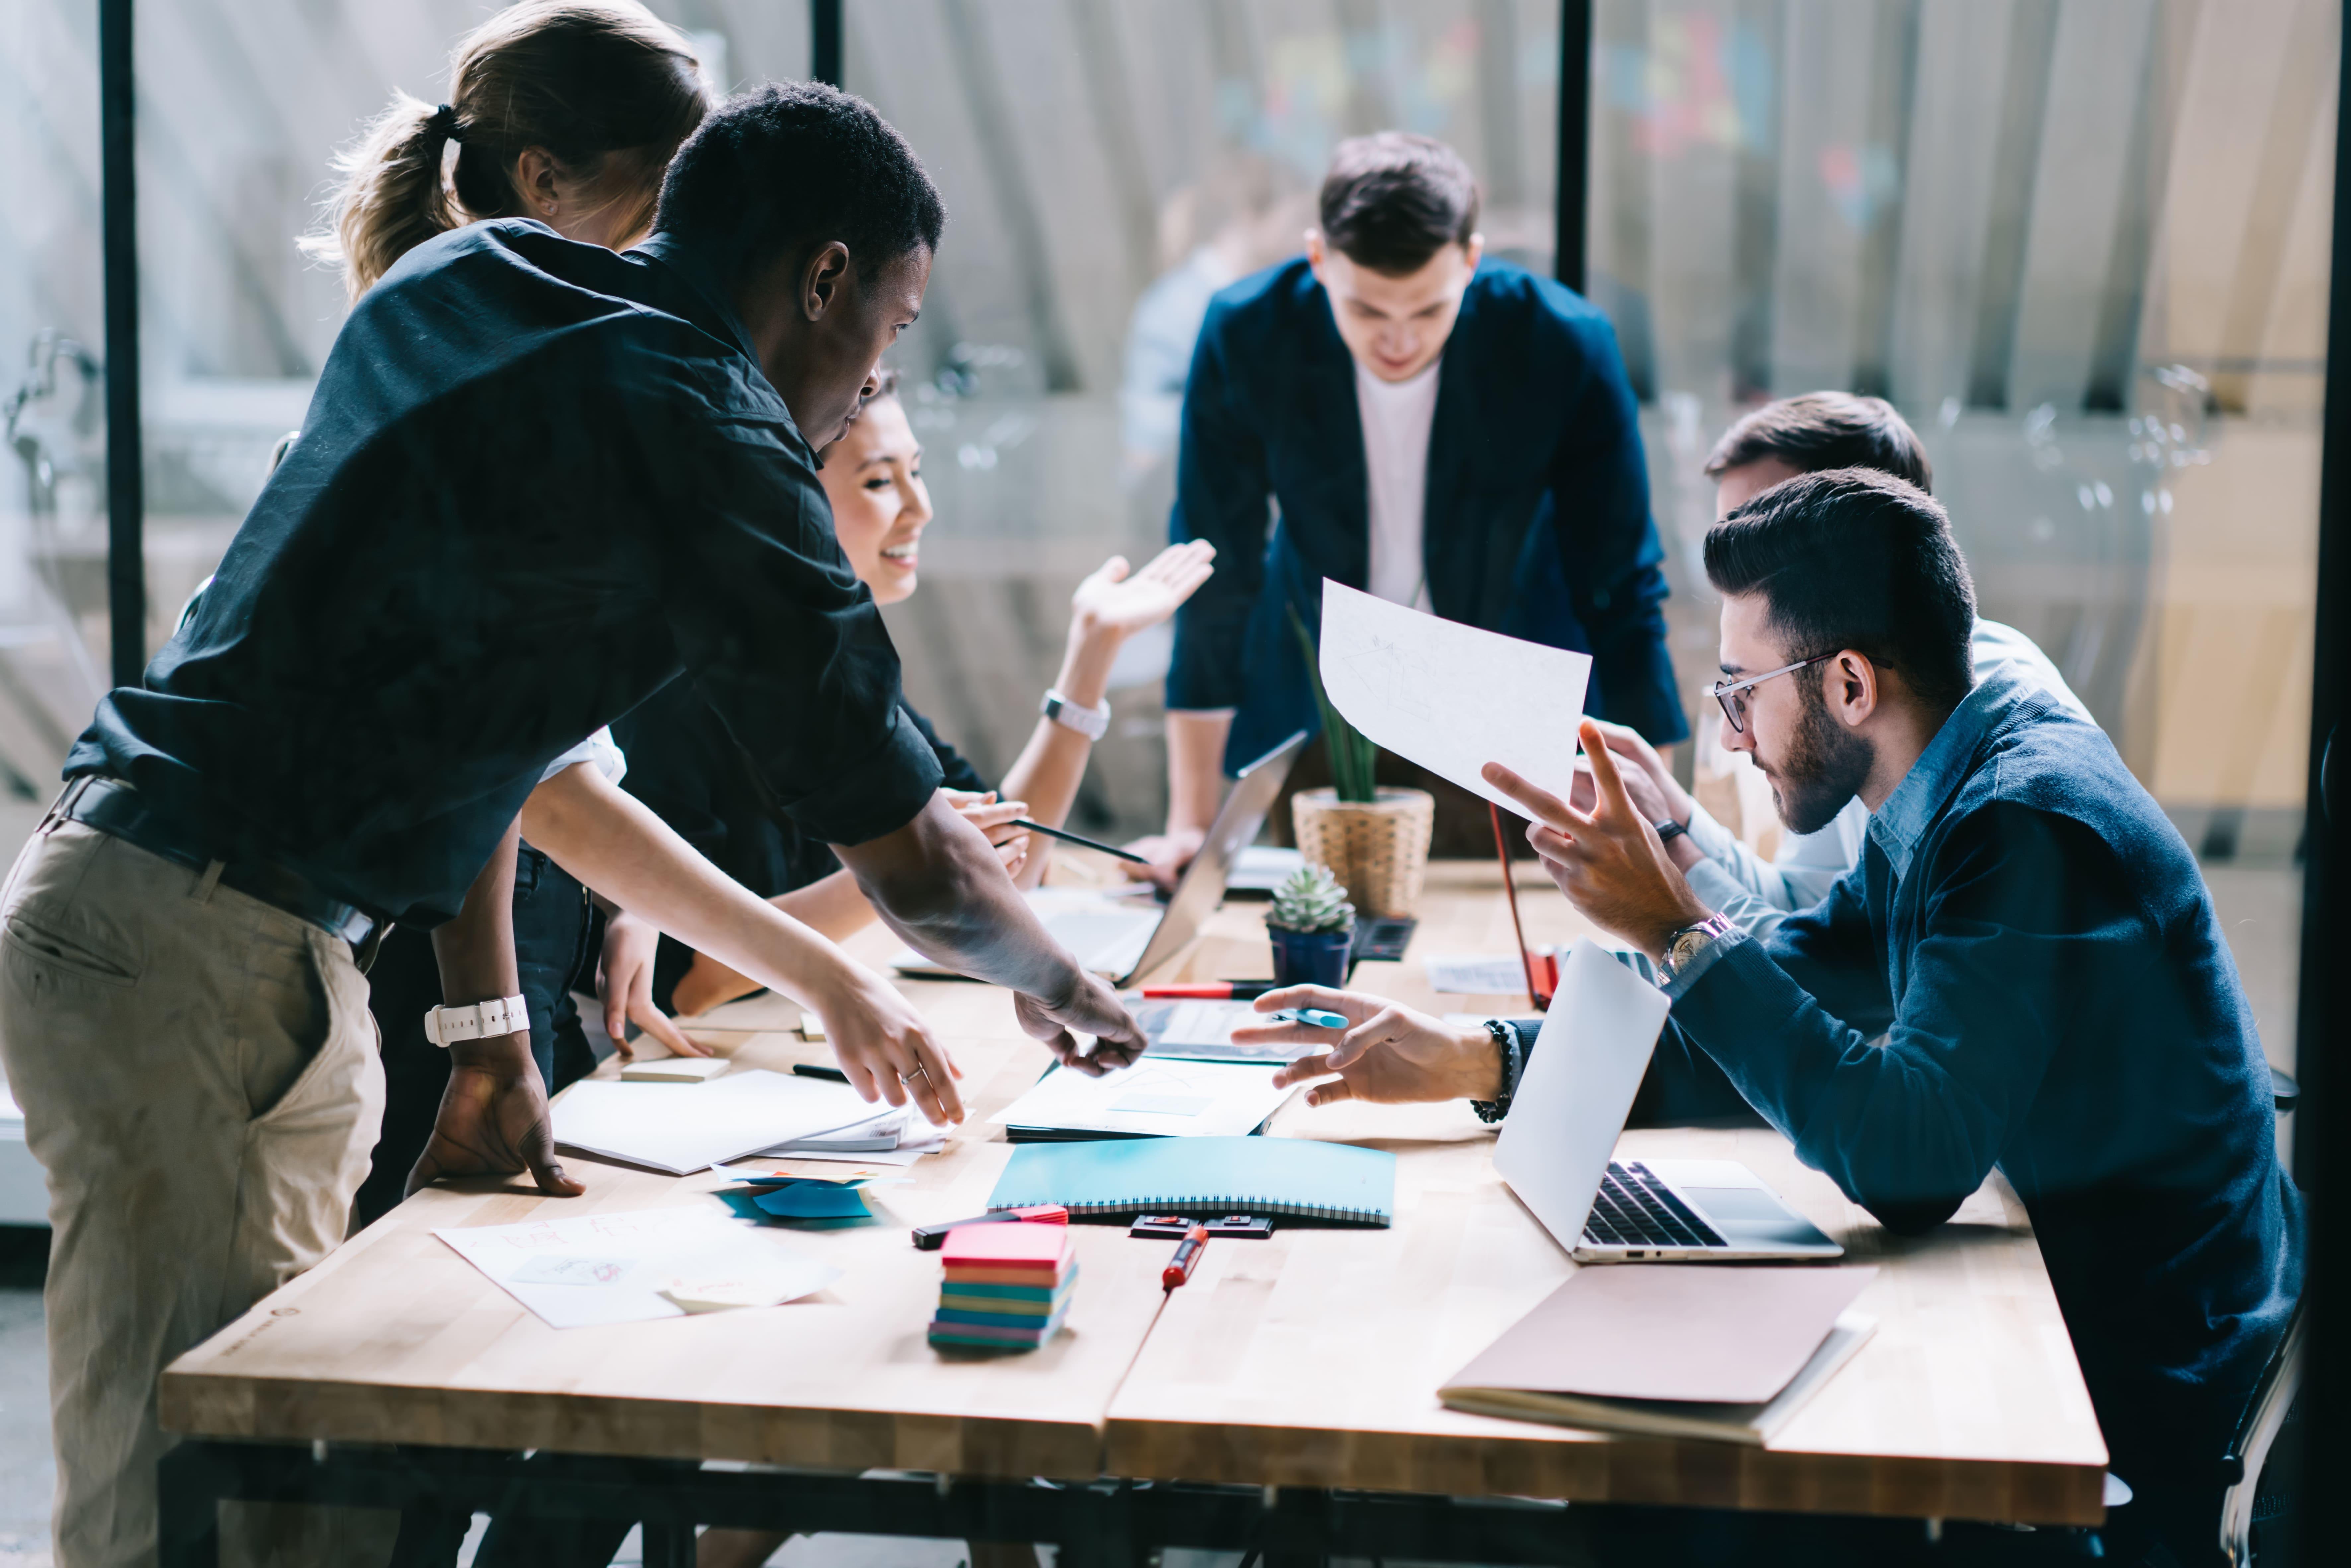 Imagem de alguns empreendedores estudando o que podem fazer para não desistir de empreender